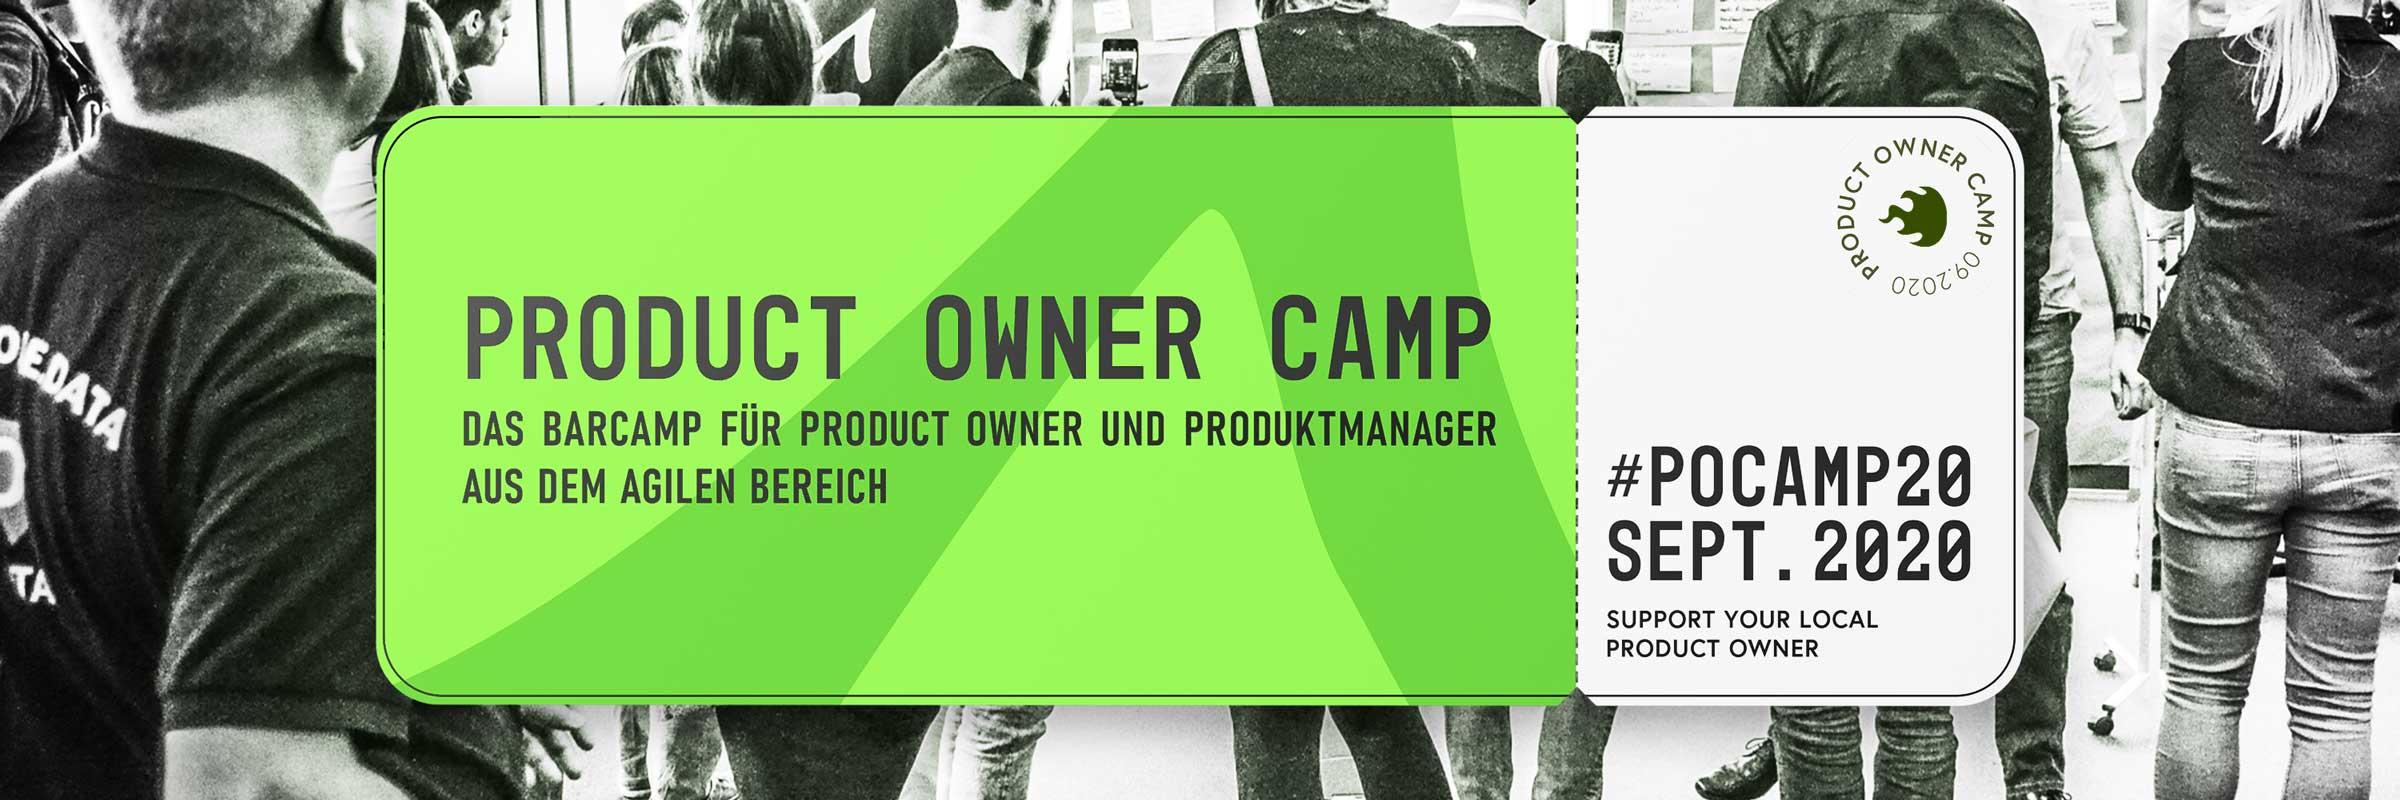 Themenmotiv: Product Owner Camp 2020. Stilisiertes Boarding-Ticket, vor einer Teilnehmergruppe mit Terminhinweis auf 18. und 19. September.